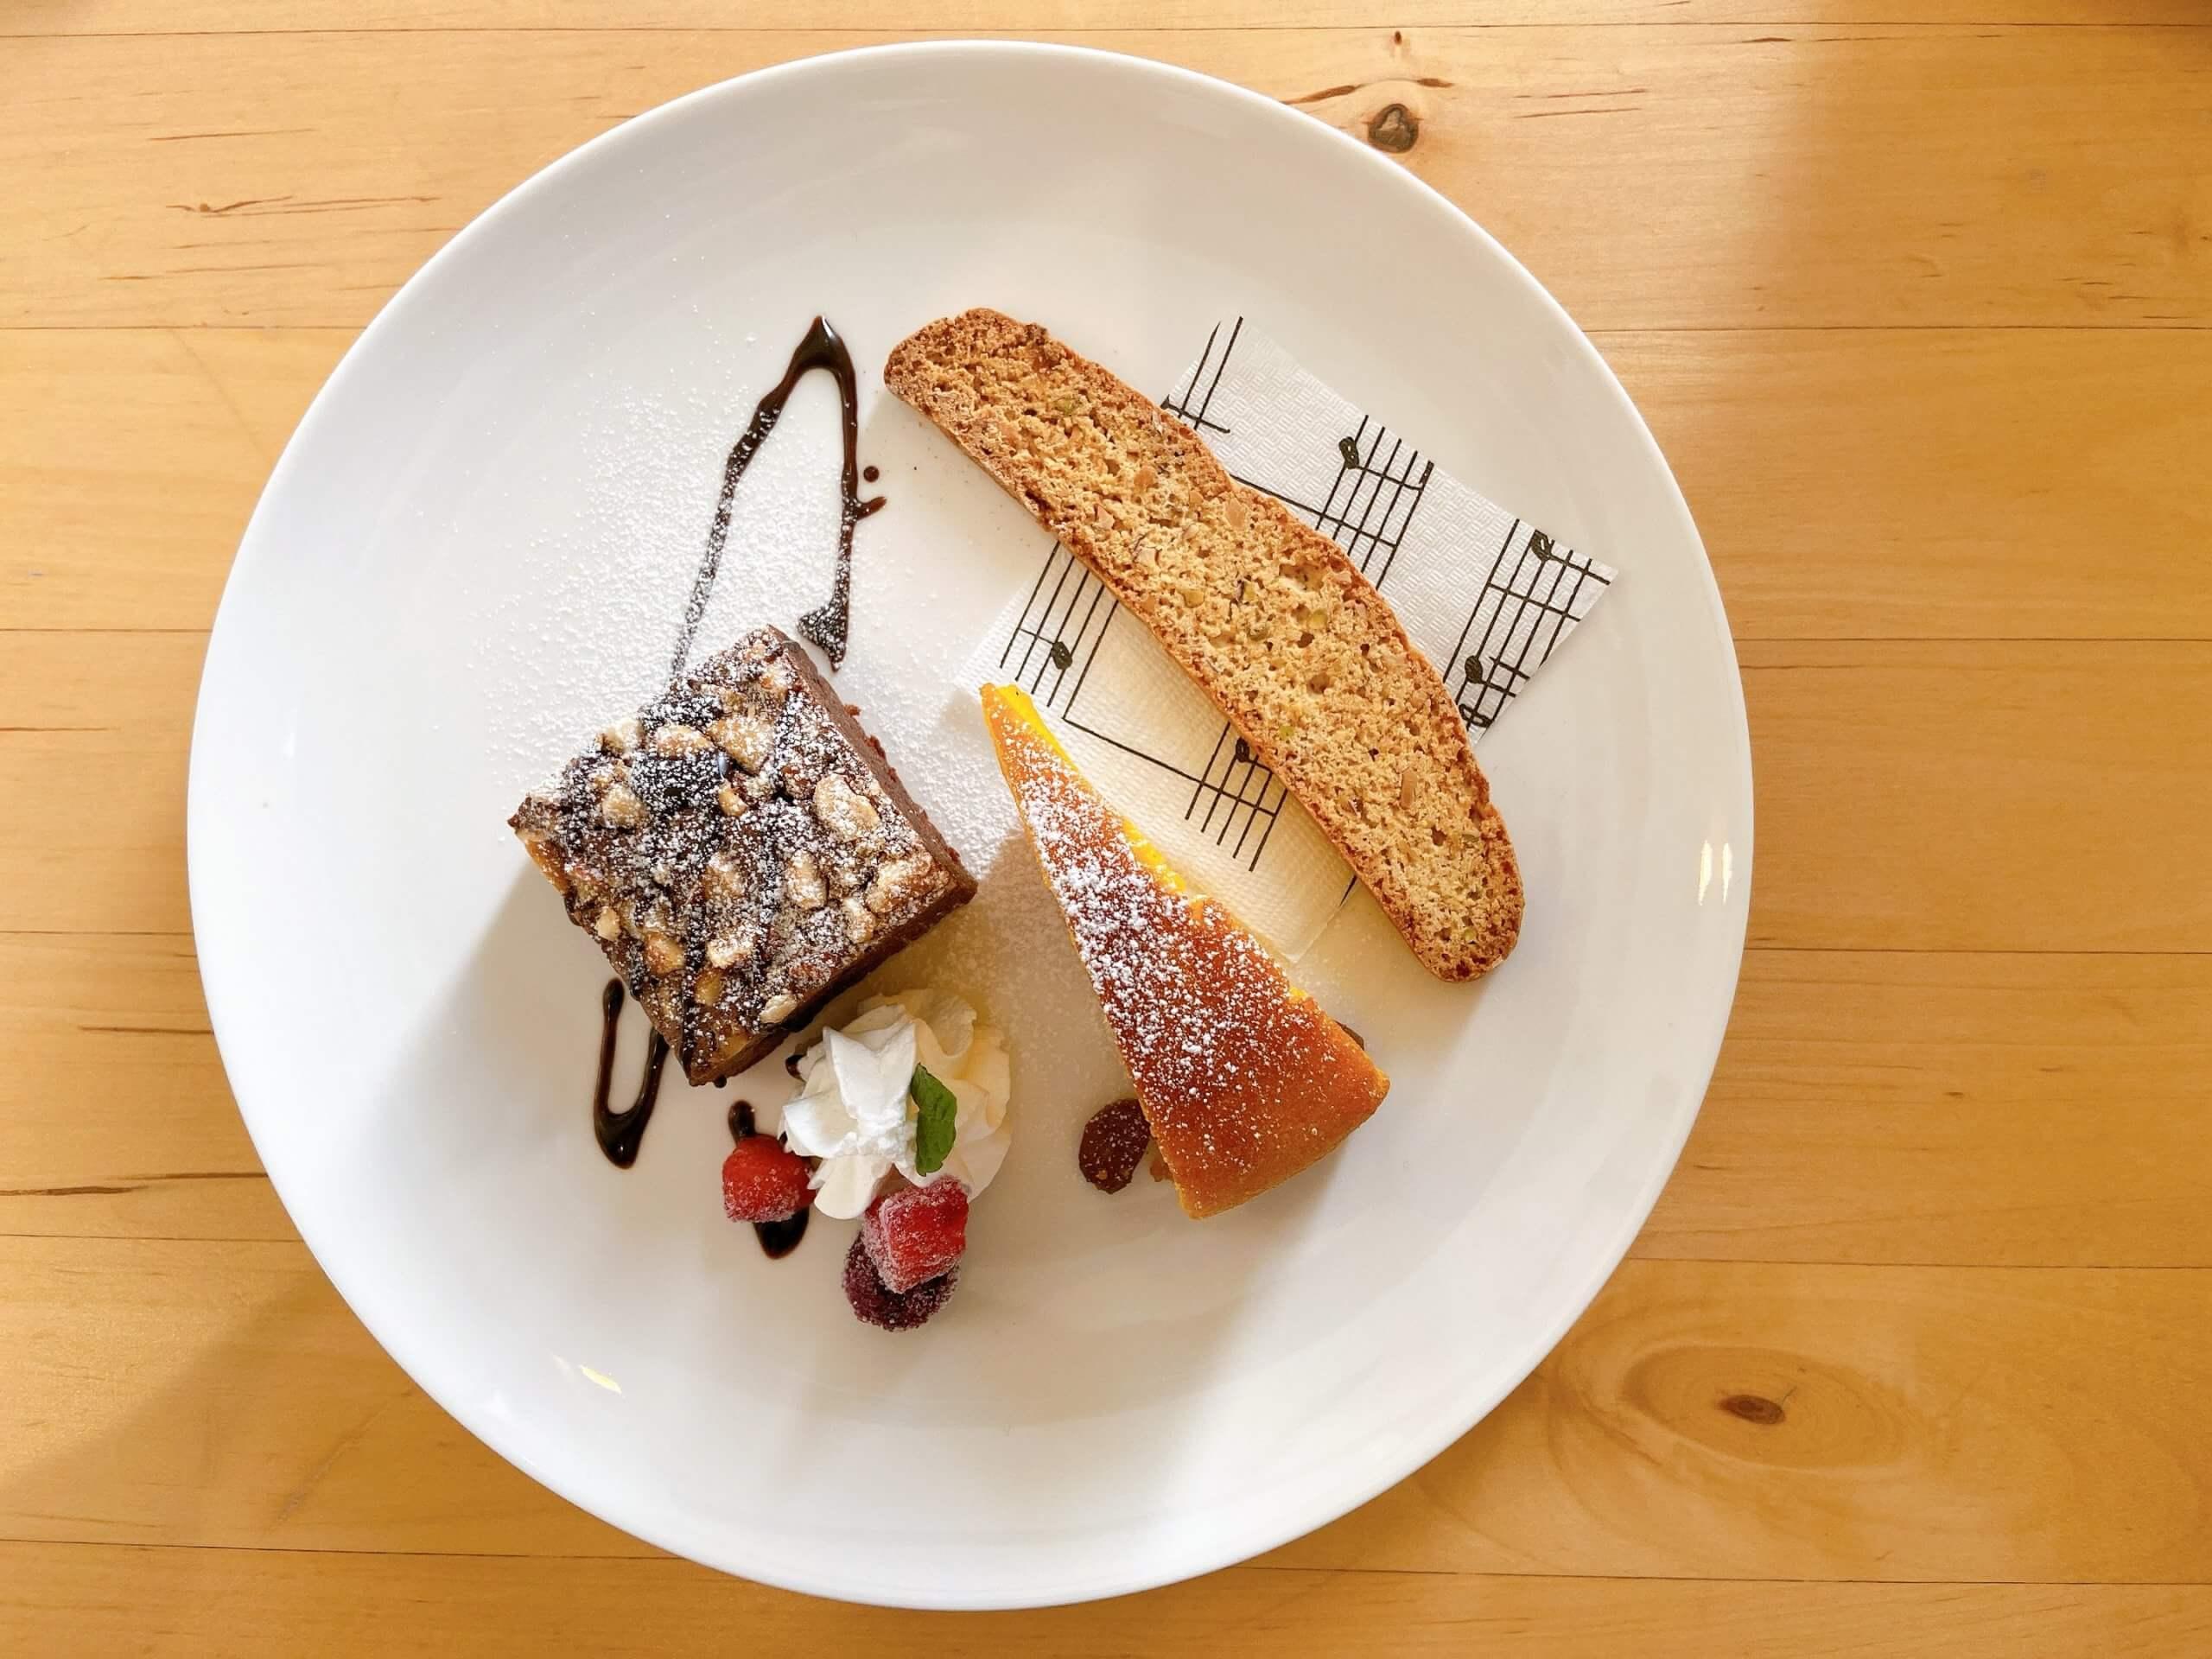 ノラカフェ ケーキ